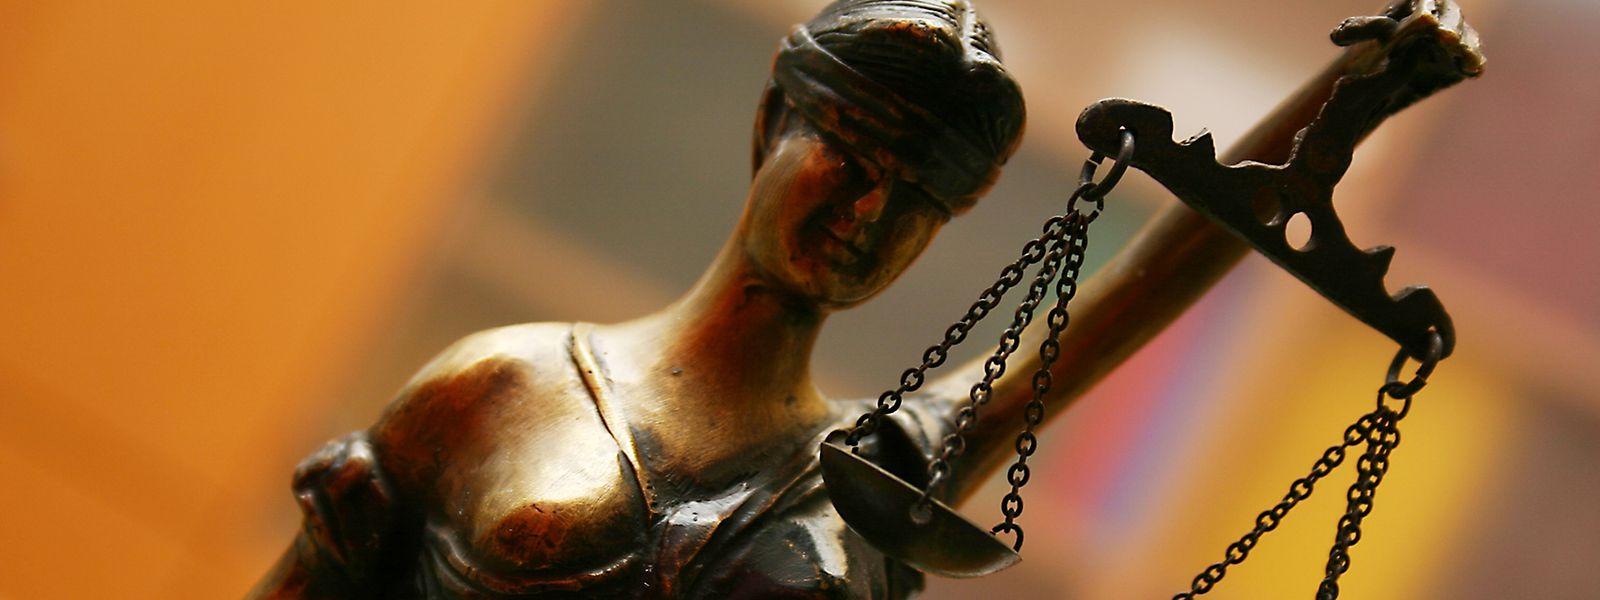 Das Urteil in dem Prozess wegen fahrlässiger Tötung ergeht am 2. Februar.